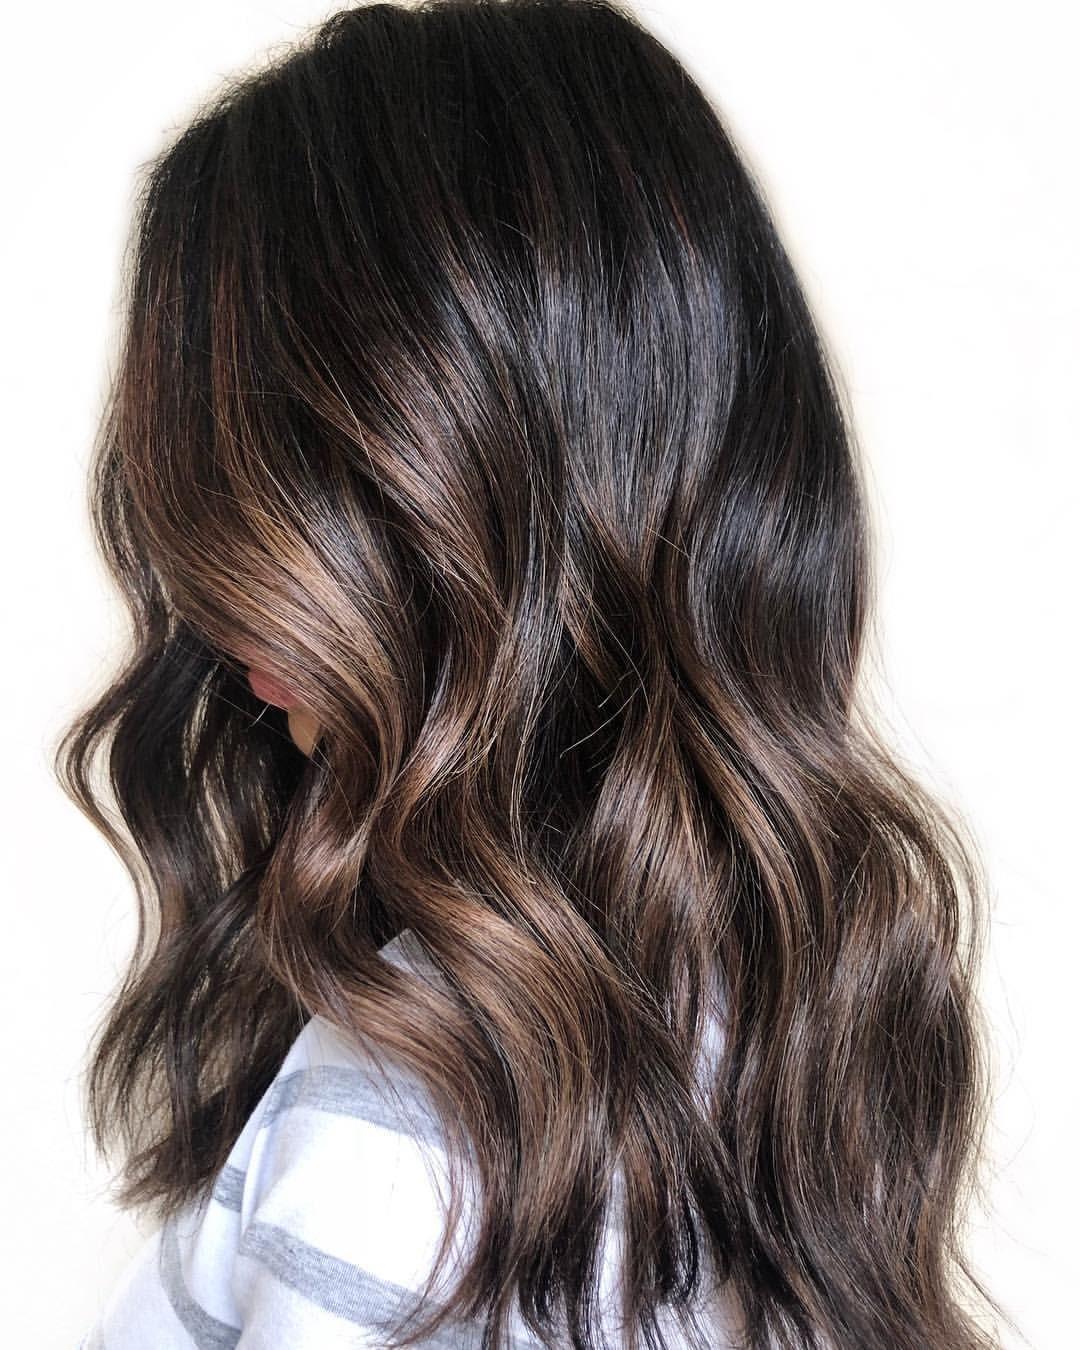 Ct Hair Artist On Instagram Chocolate Glazed Base Oligopro Calura 3 Neutral Foi Hair Highlights Brown Hair With Highlights Dark Hair With Highlights